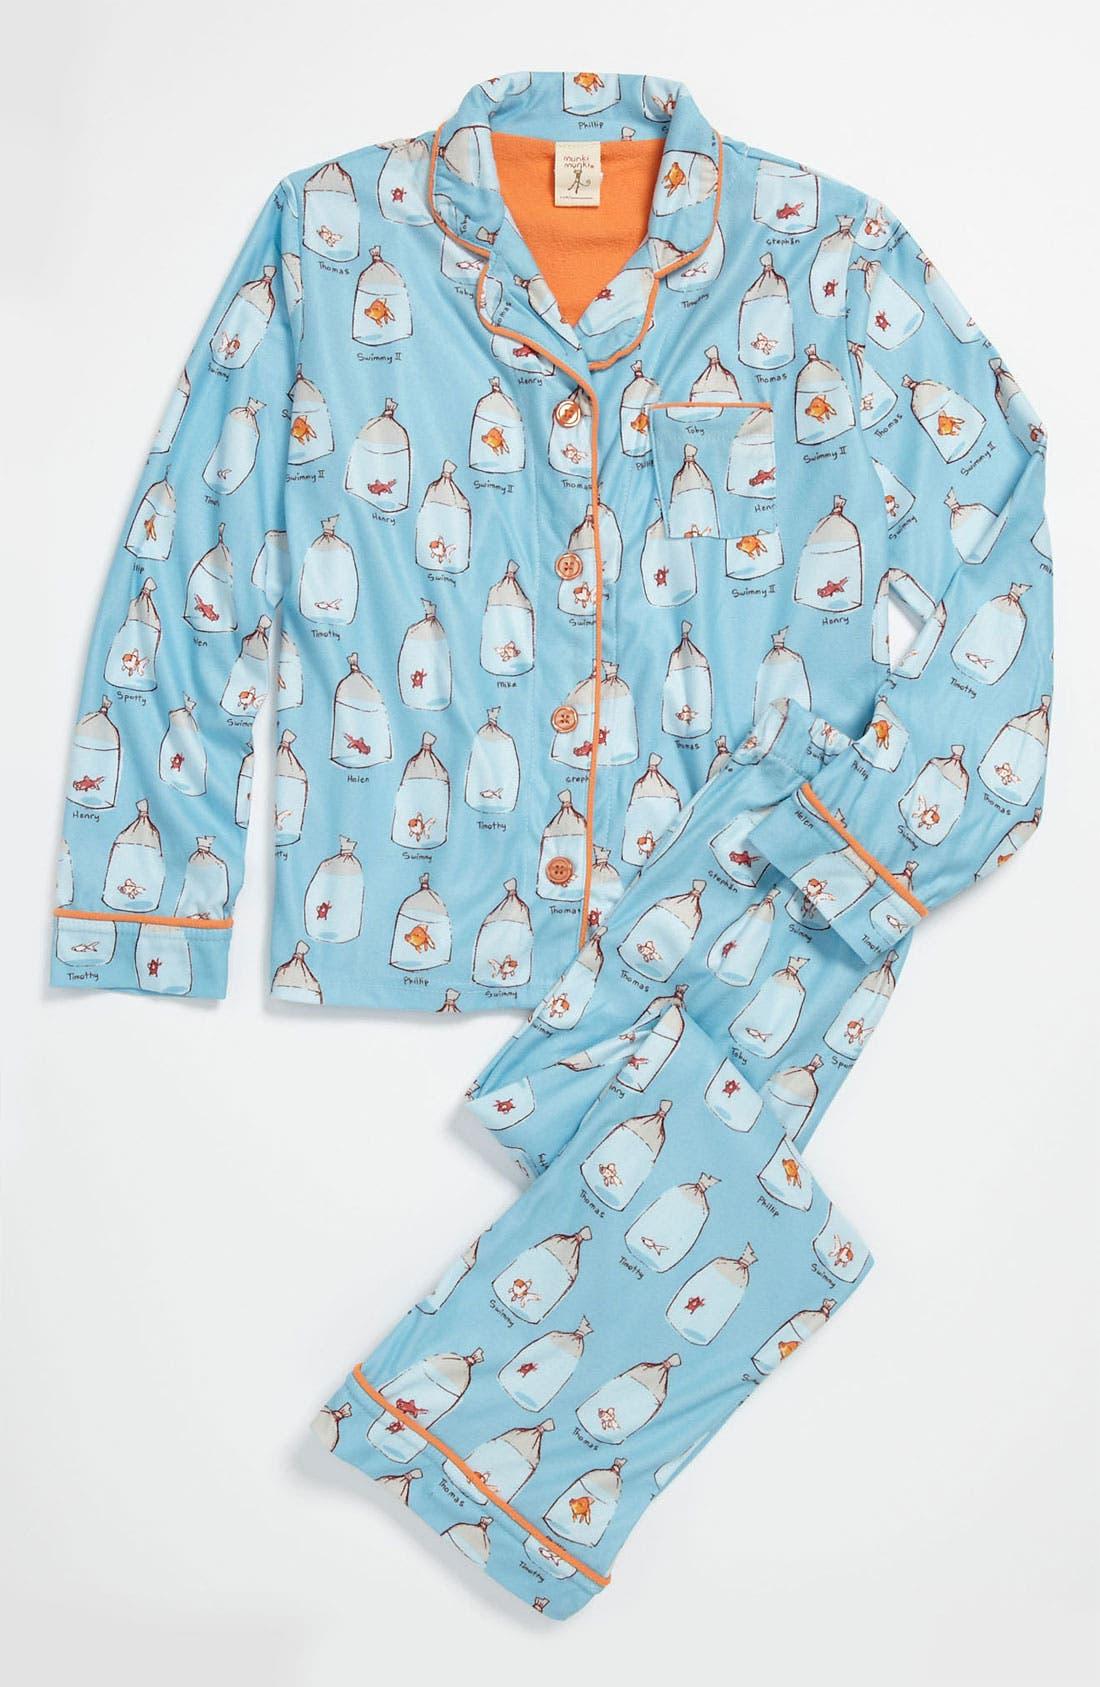 Alternate Image 1 Selected - Munki Munki Flannel Pajamas (Little Girls & Big Girls)